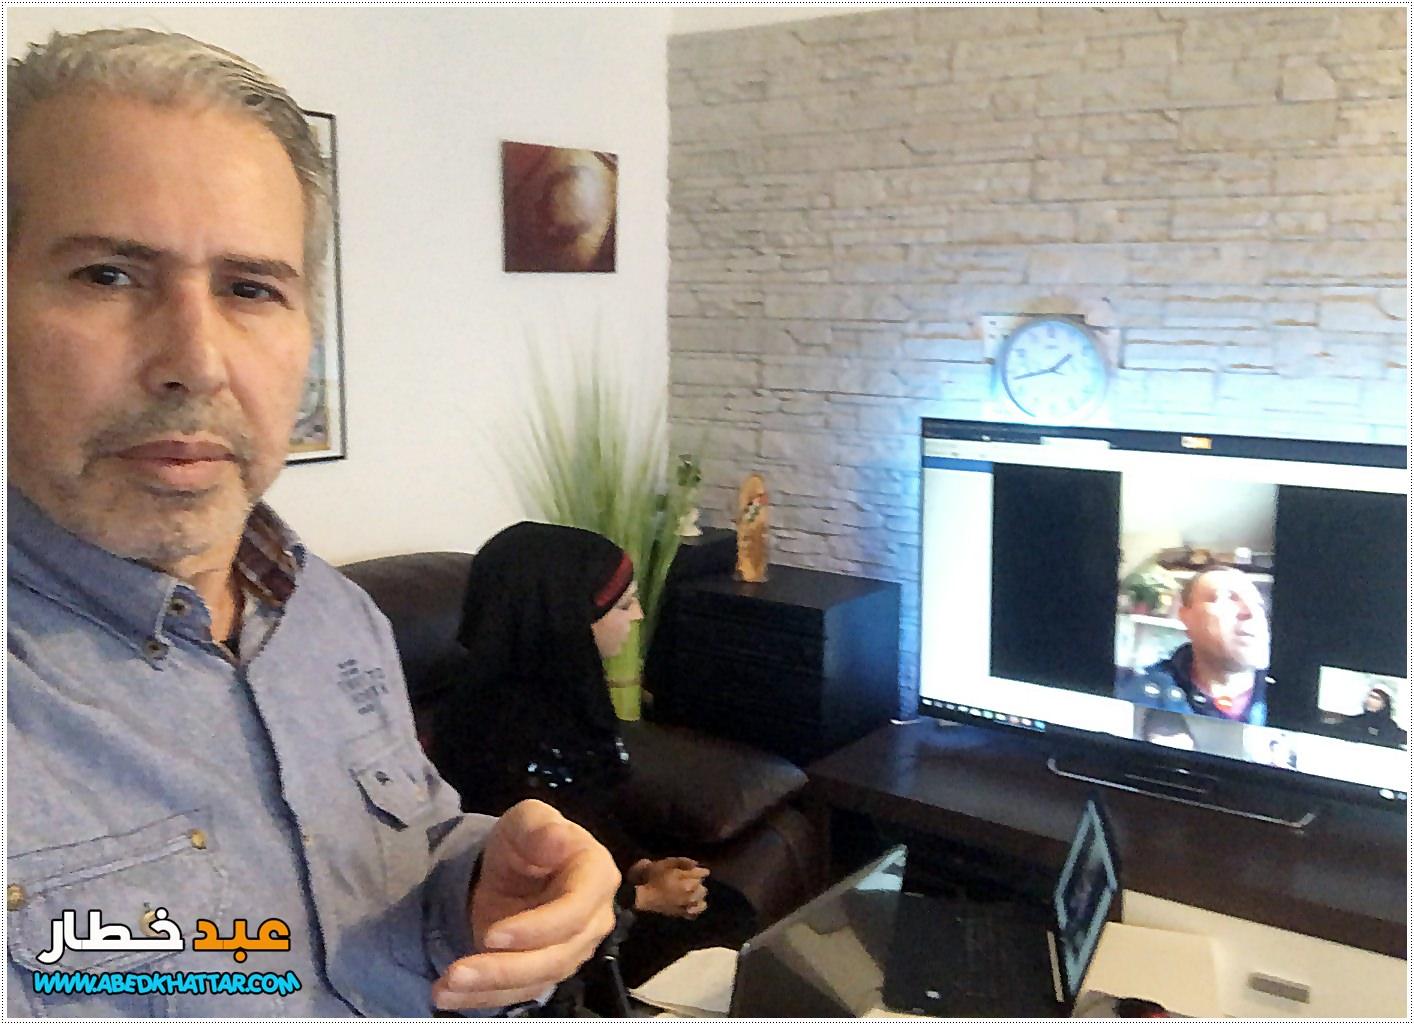 بانوراما برلين || لقاء مع فضل الخالدي والد الشهيد ليث الخالدي من فلسطين المحتلة